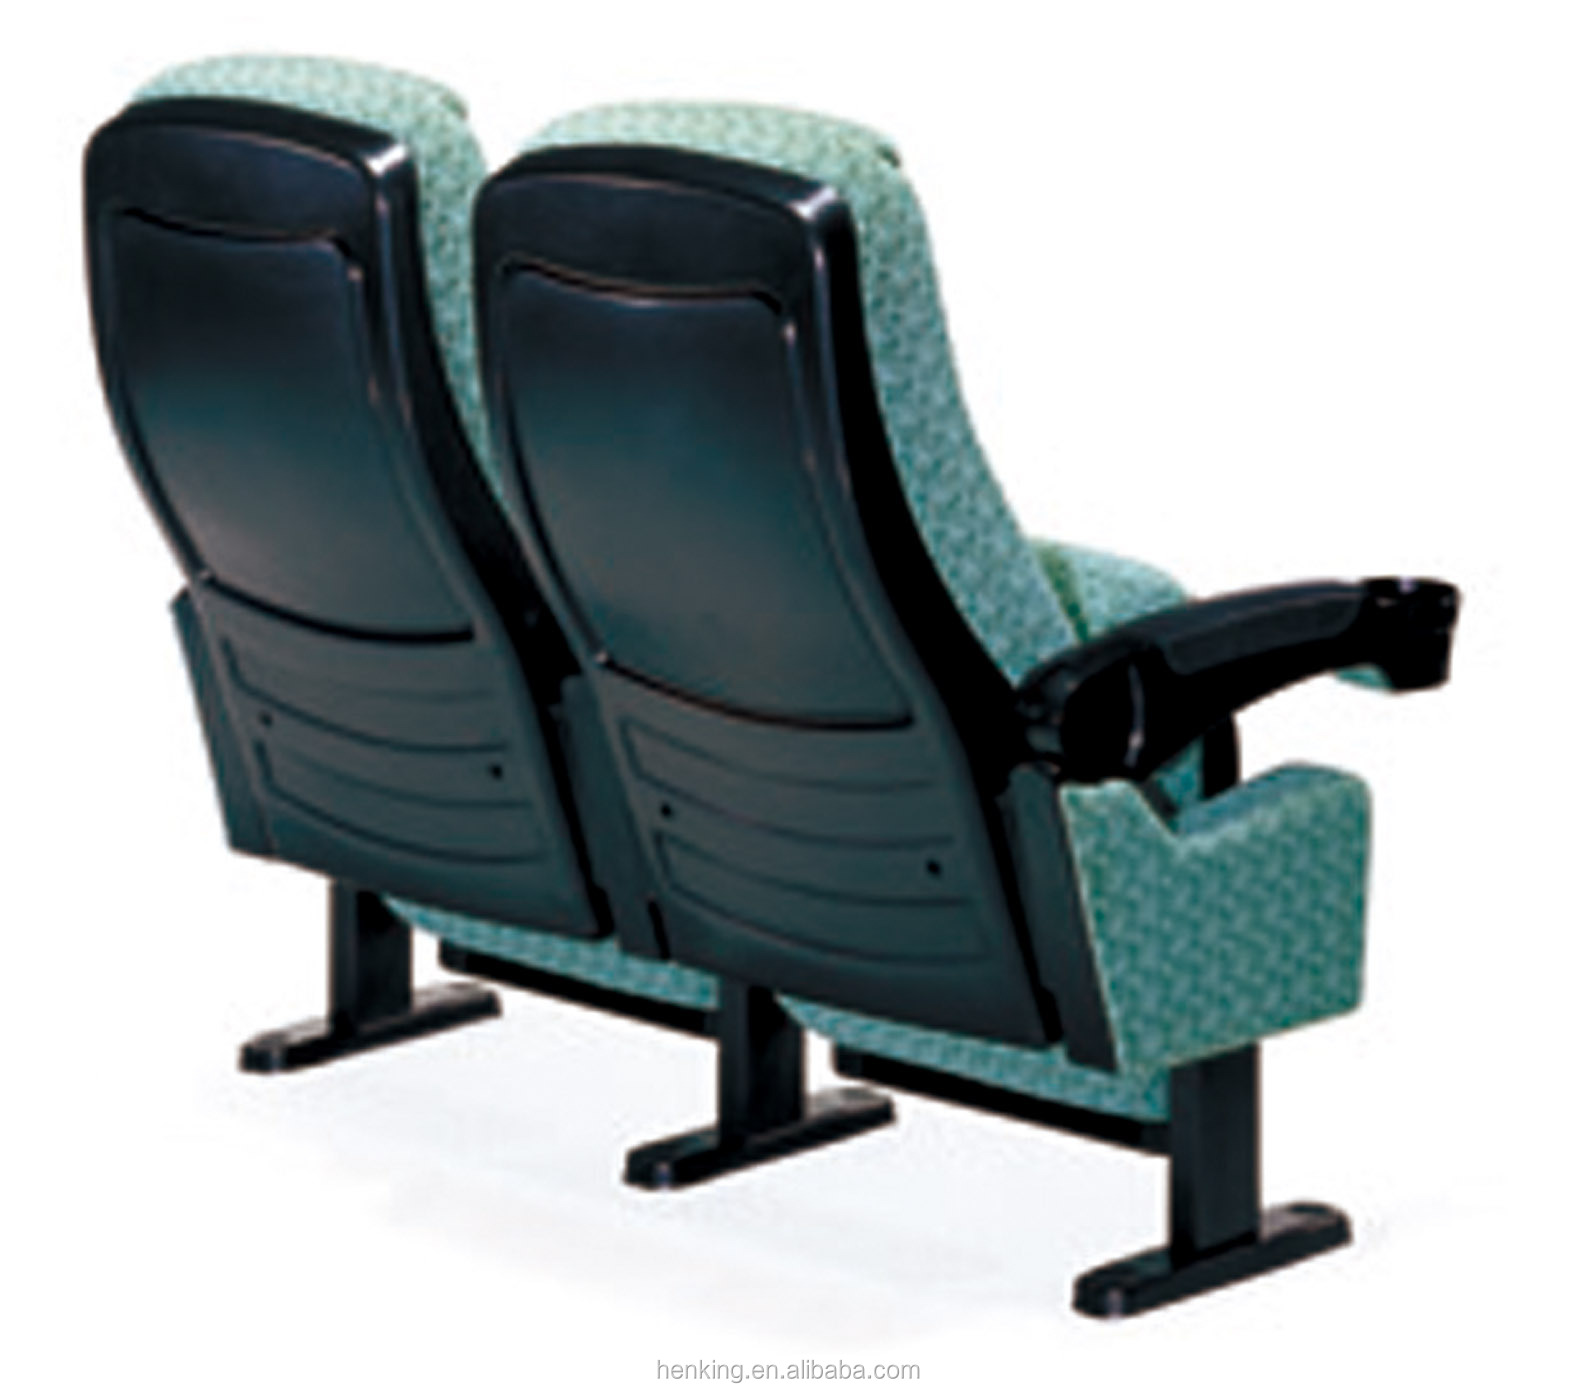 Stadium Seat Stadium Chair Stadium Seating wh286 Buy Stadium